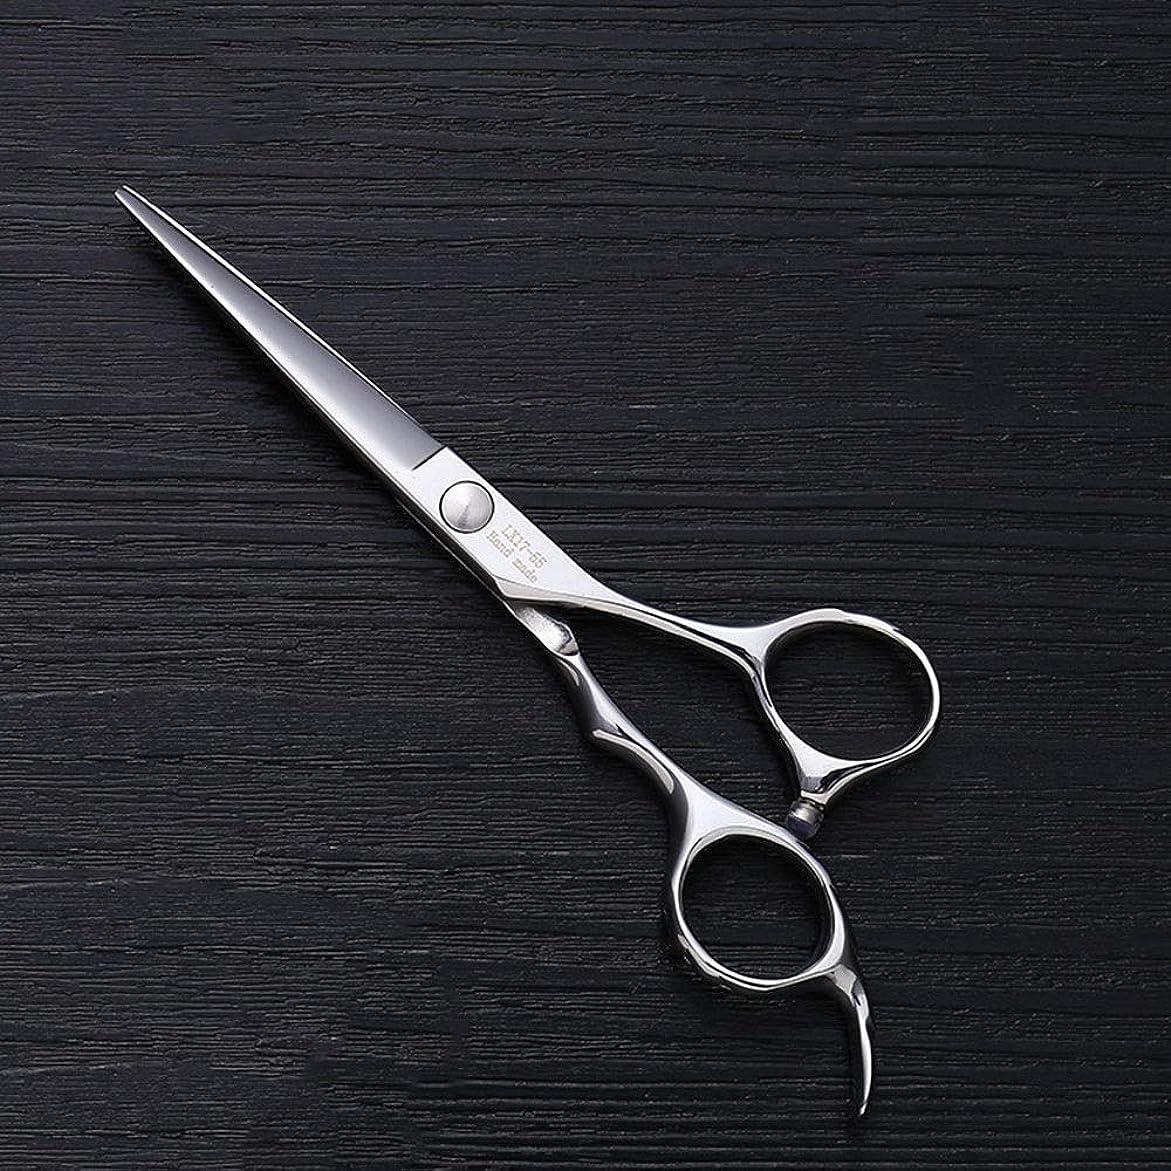 オアシス差別的レベル5.5インチ理髪師プロのヘアカットフラットせん断高品質理髪ツール モデリングツール (色 : Silver)